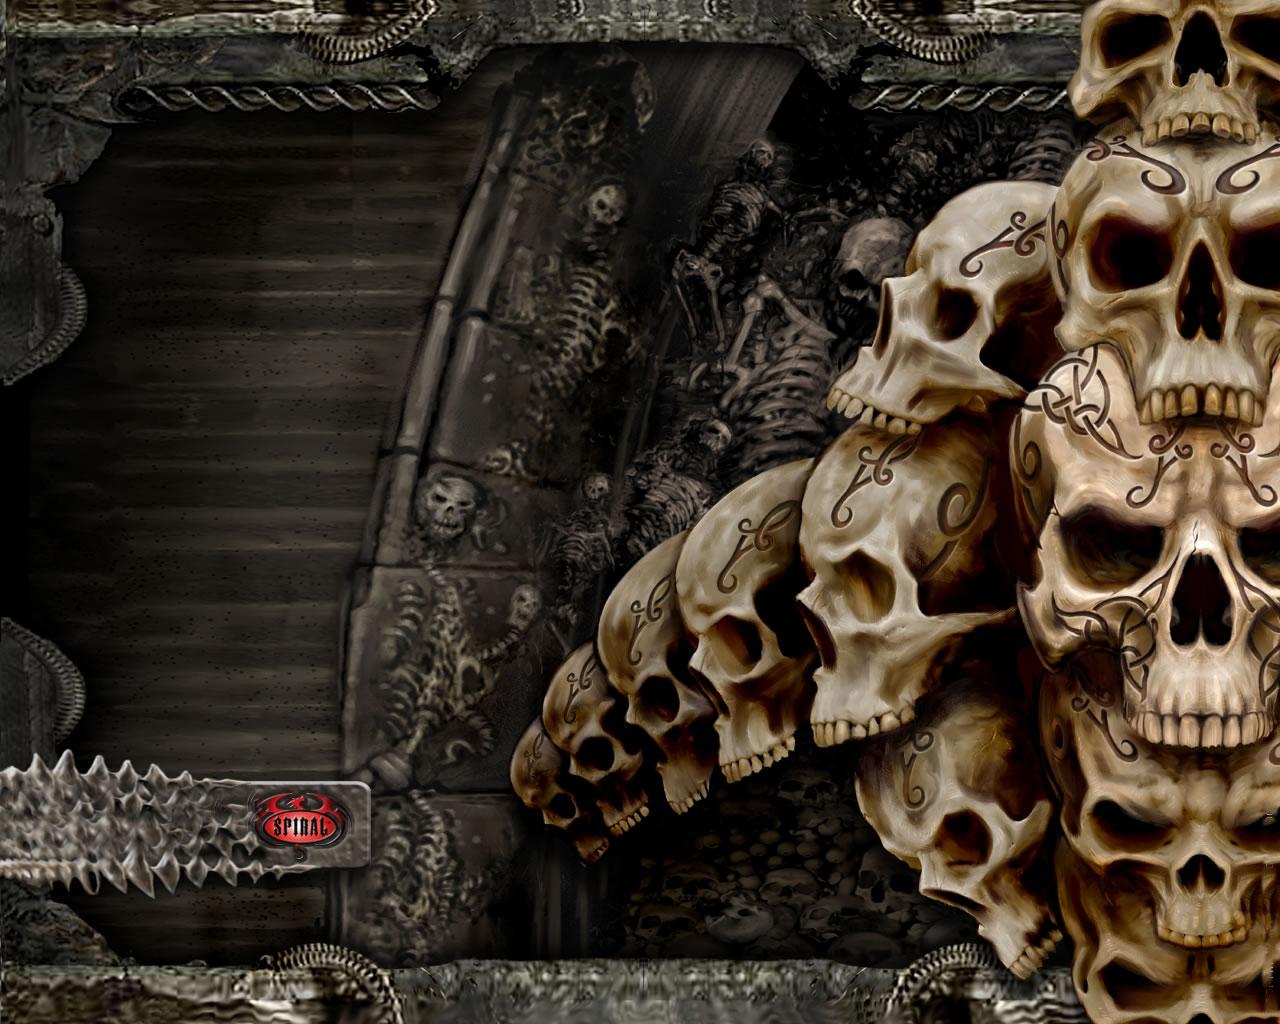 skulls Computer Wallpapers Desktop Backgrounds 1280x1024 ID 1280x1024